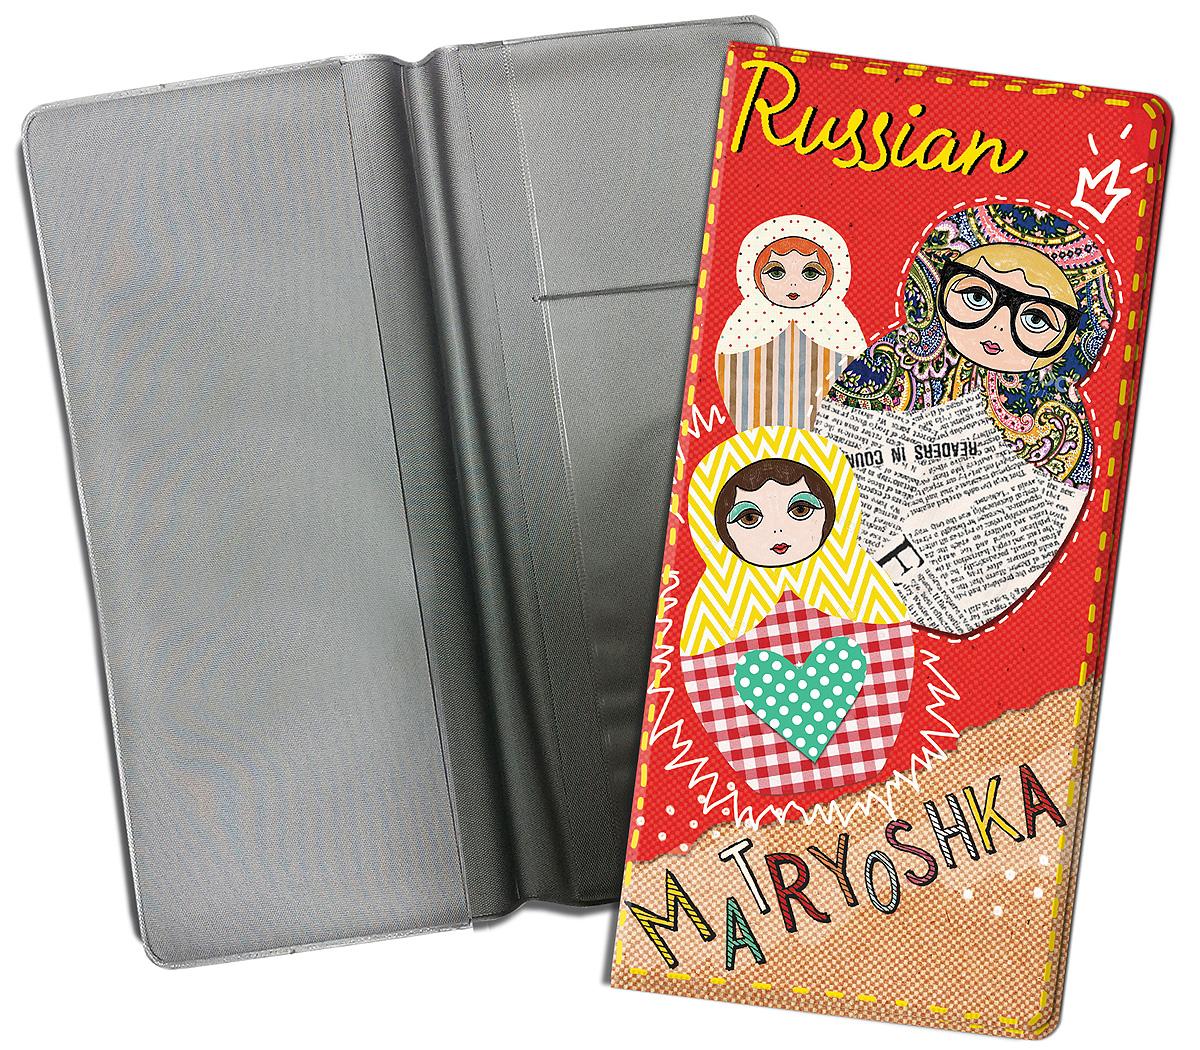 Конверт путешественника Magic Home Матрешки на красном, для документов. 77117 конверт путешественника матрешки на красном пвх 20 5 22см 77117